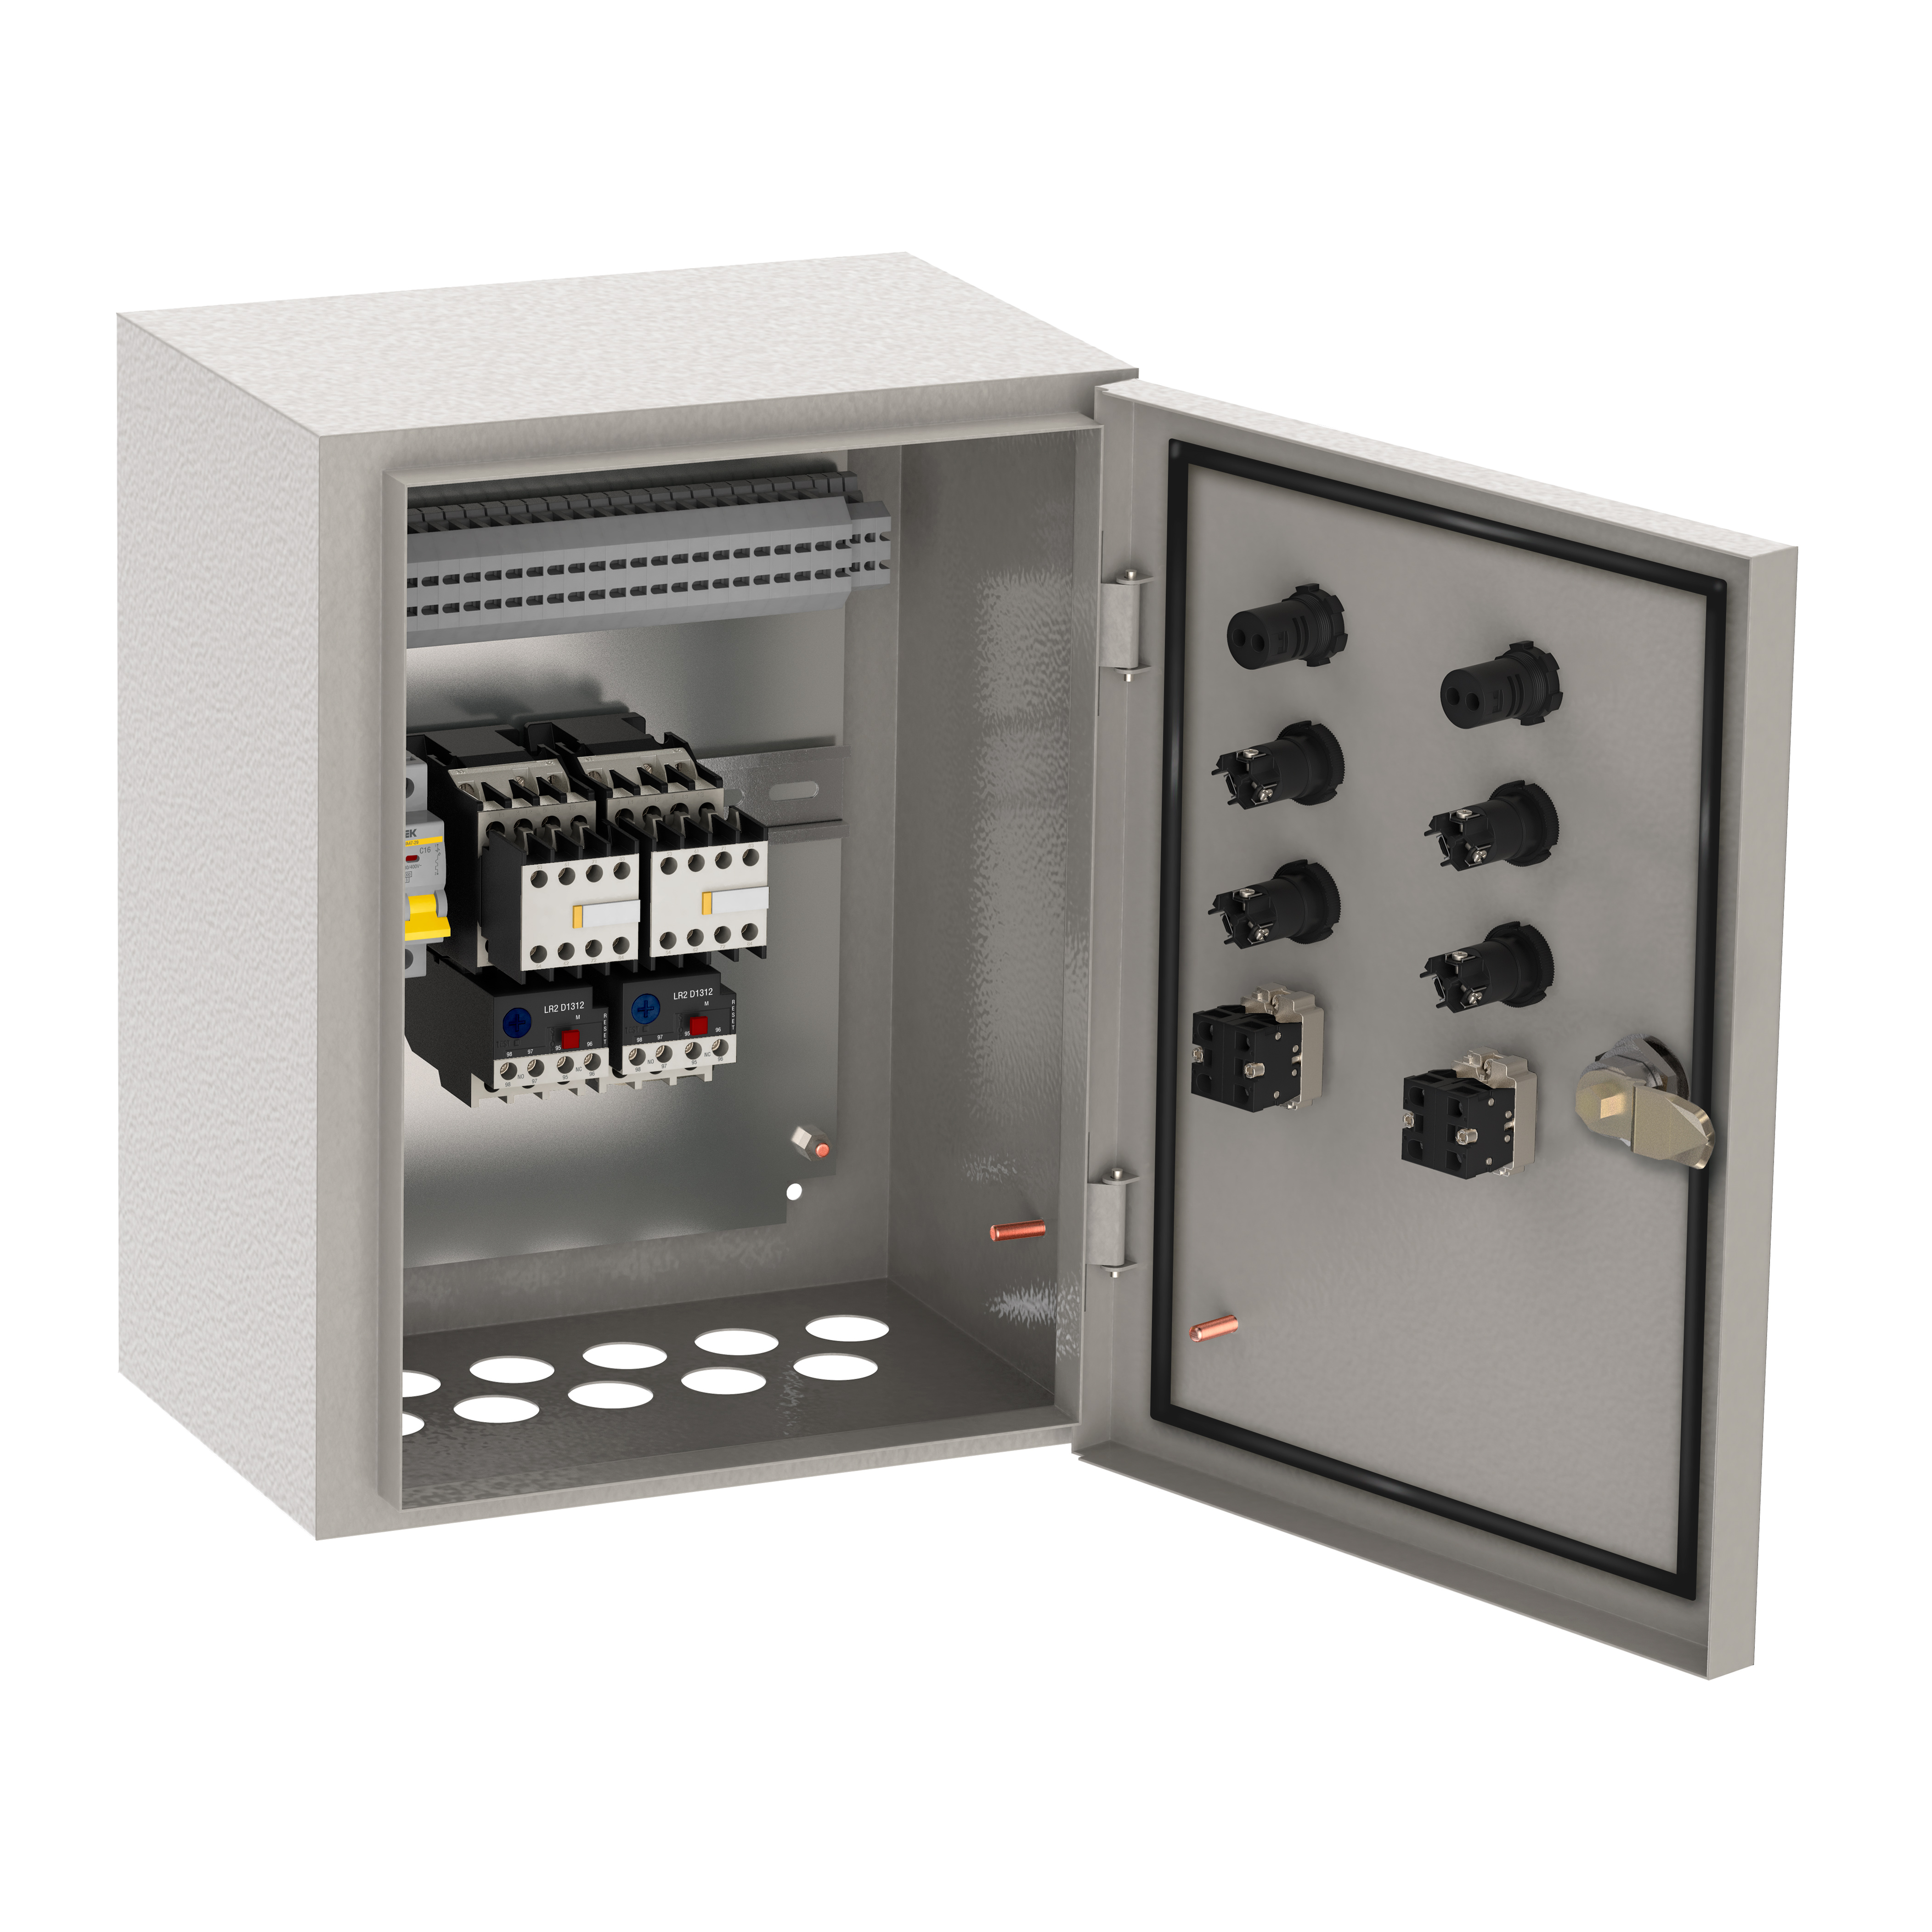 Ящик управления РУСМ5119-3274 нереверсивный 3 фидера автоматический выключатель на каждый фидер с переключателем на автоматический режим 16А IP54 IEK